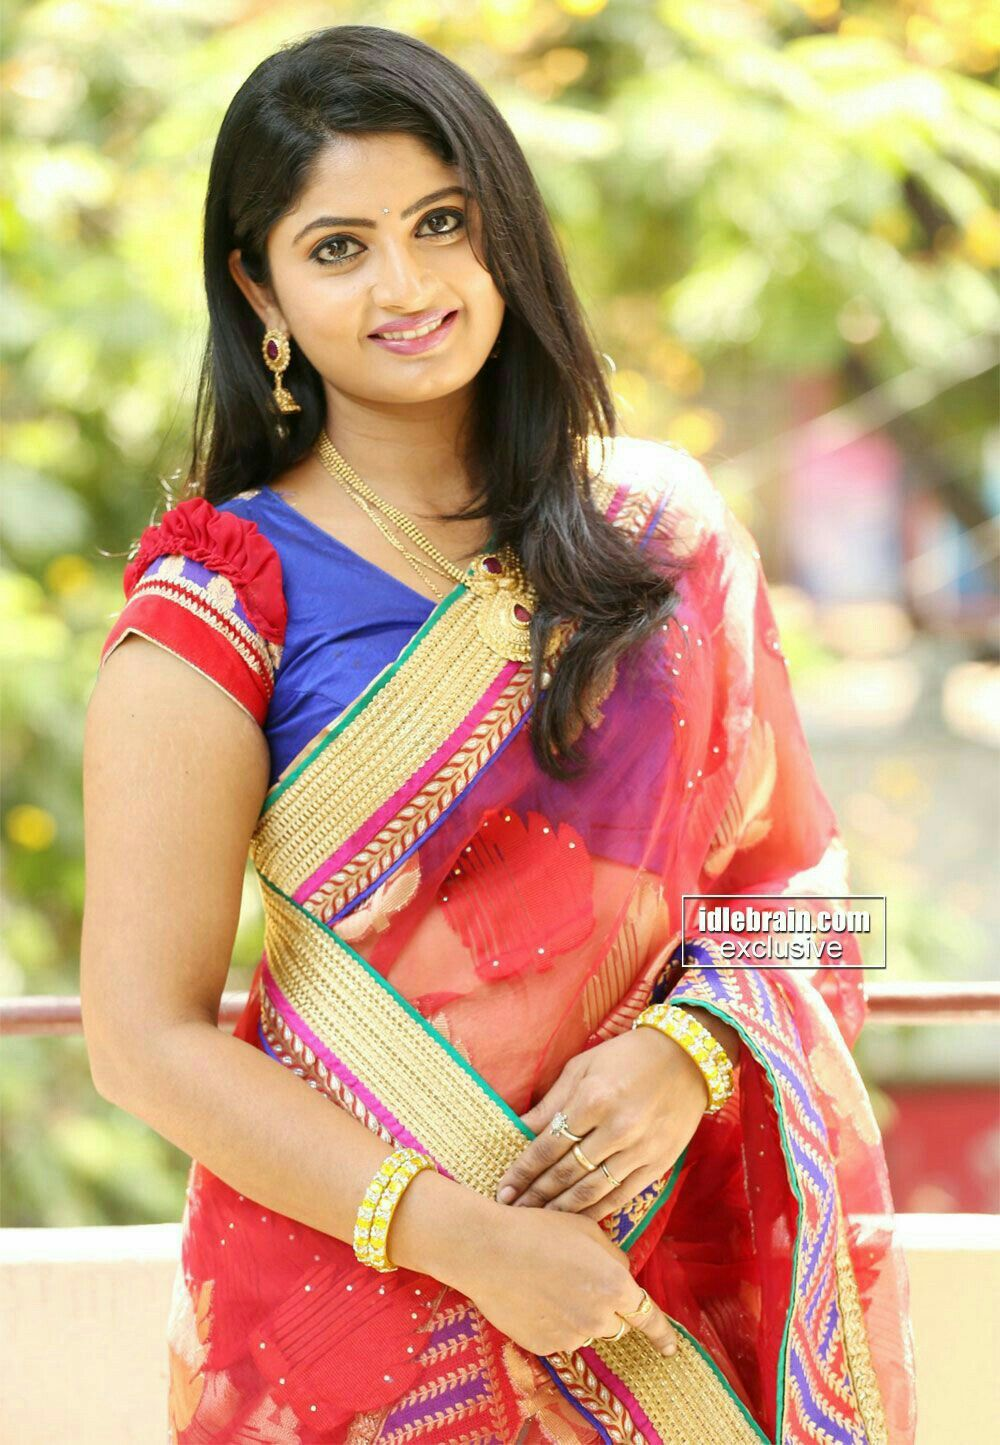 Pin By Vijaya Lakshmi On Saree T Hot Video Saree And Girls-6569